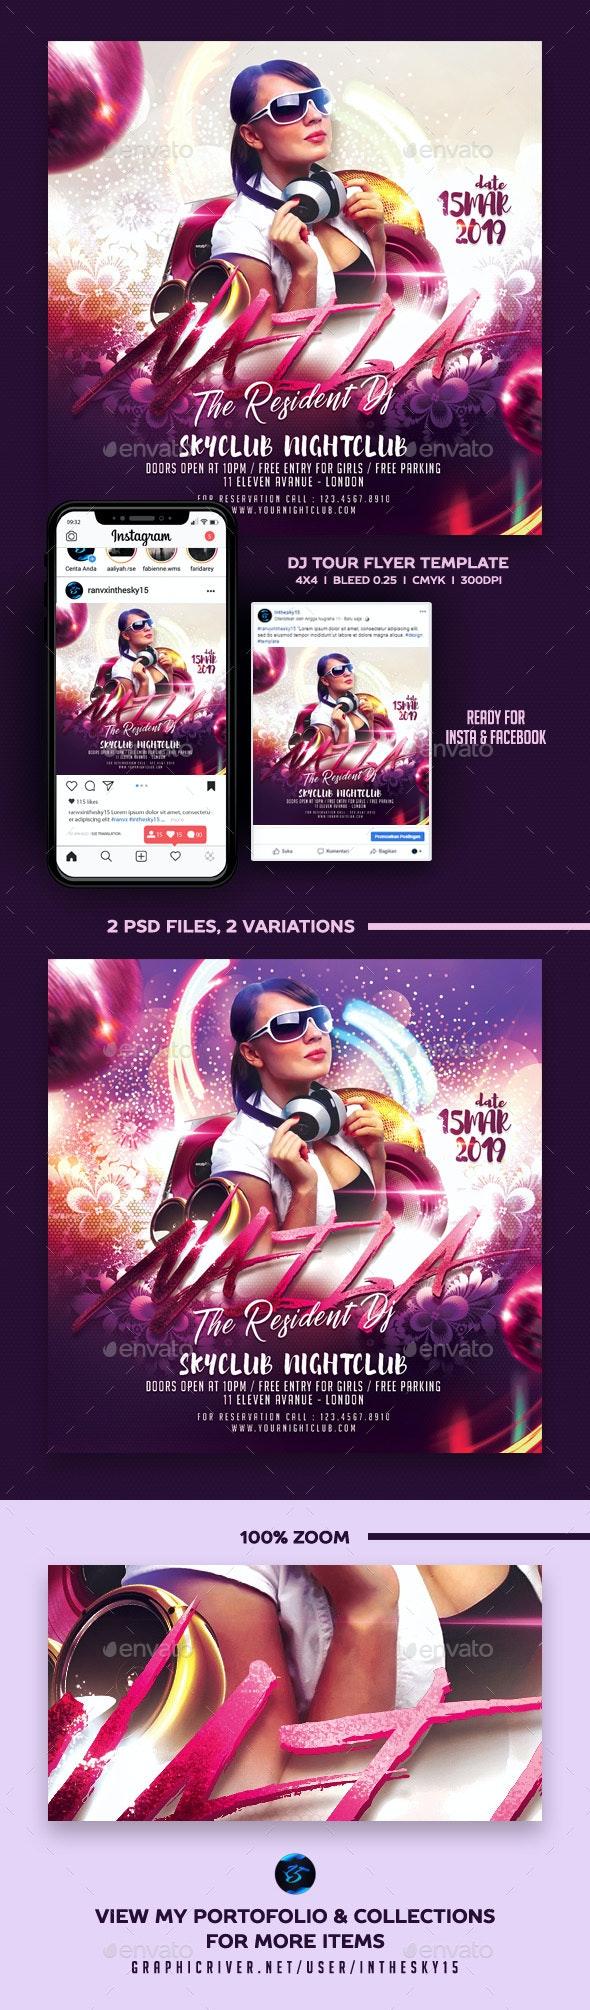 DJ Tour Flyer - Clubs & Parties Events